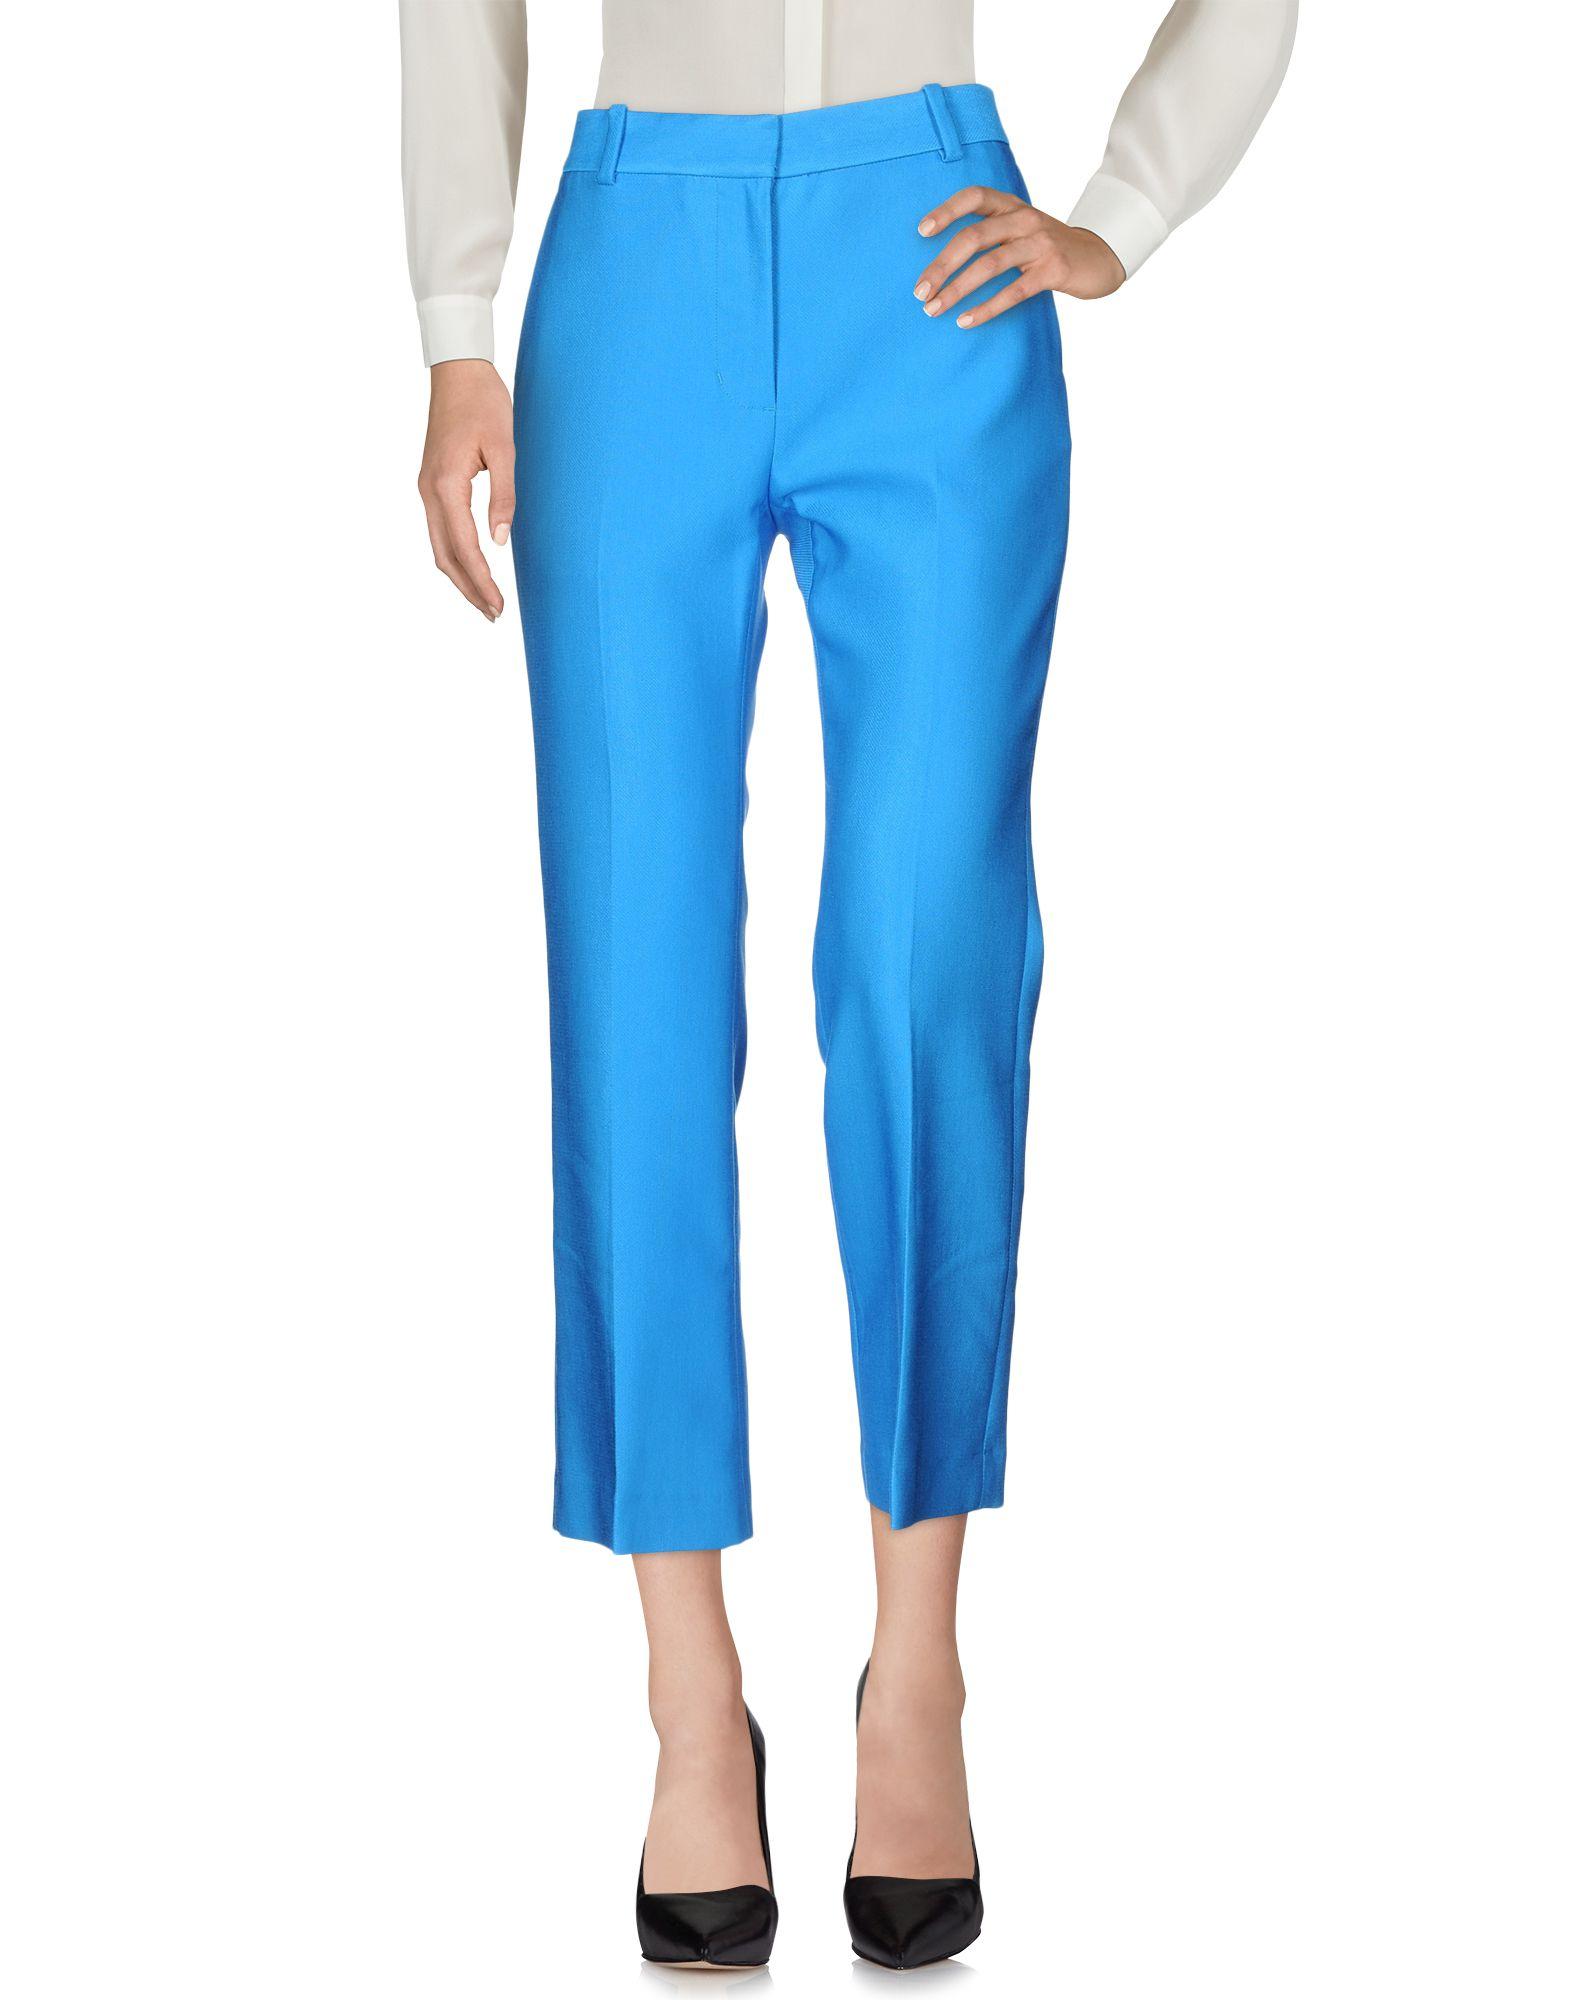 3.1 PHILLIP LIM Damen Hose Farbe Azurblau Größe 4 jetztbilligerkaufen